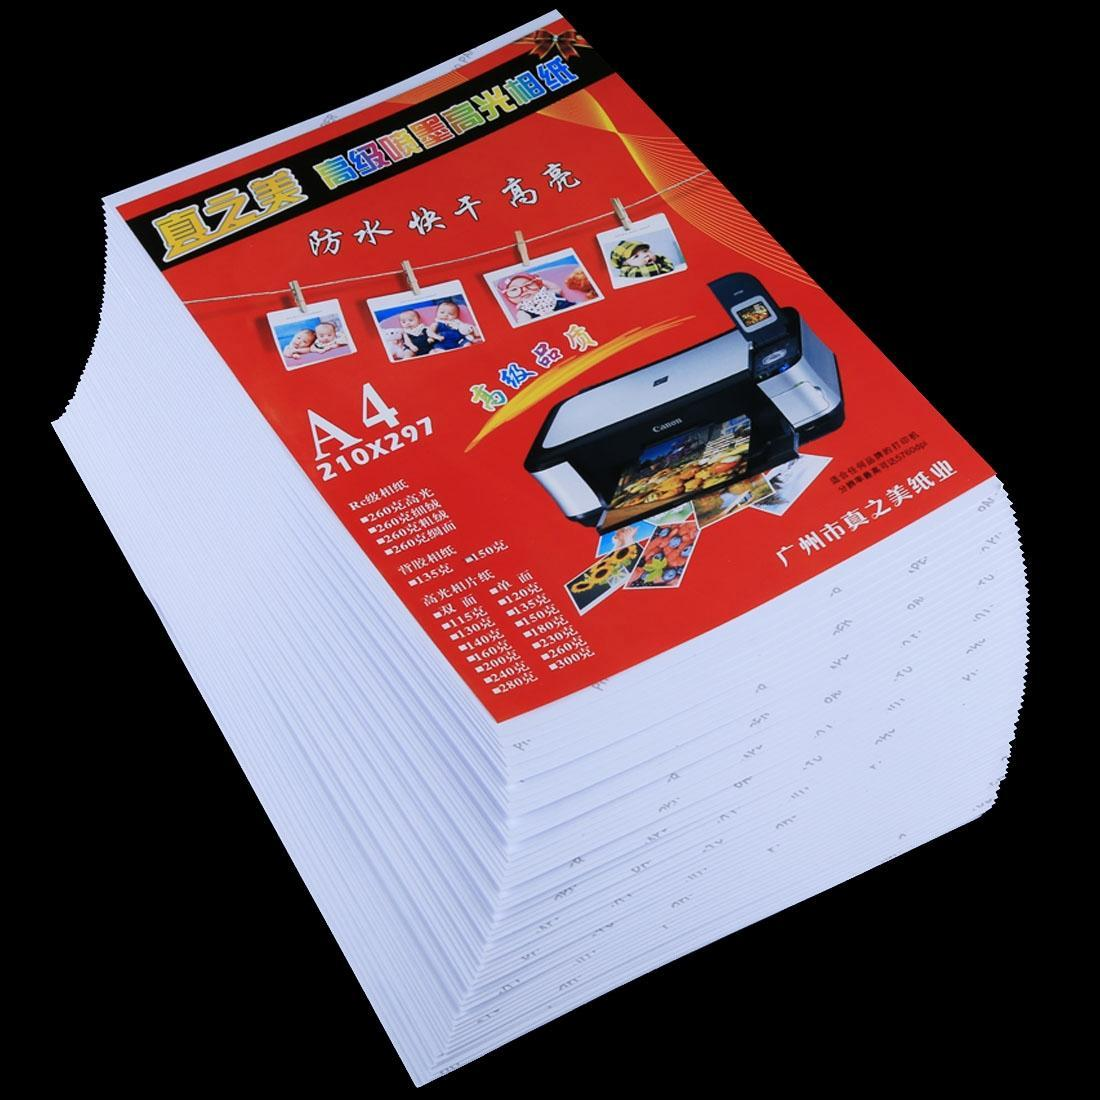 50 x 11,7 Sheets 8,3 pouces A4 imperméable Papier photo brillant pour imprimantes jet d'encre